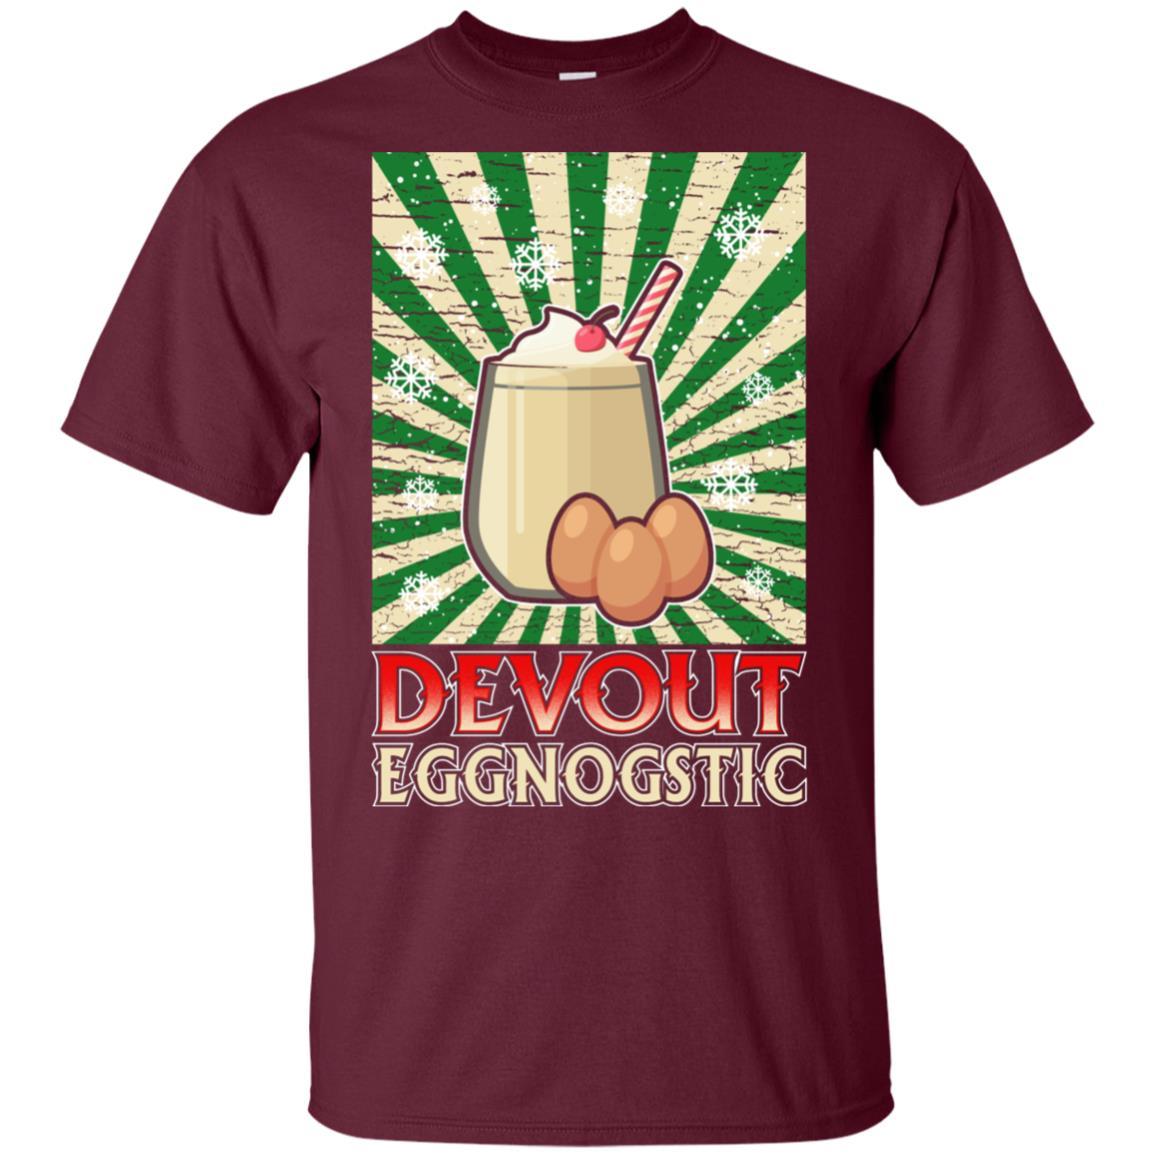 Vintage Eggnog christmas tee gift idea Unisex Short Sleeve